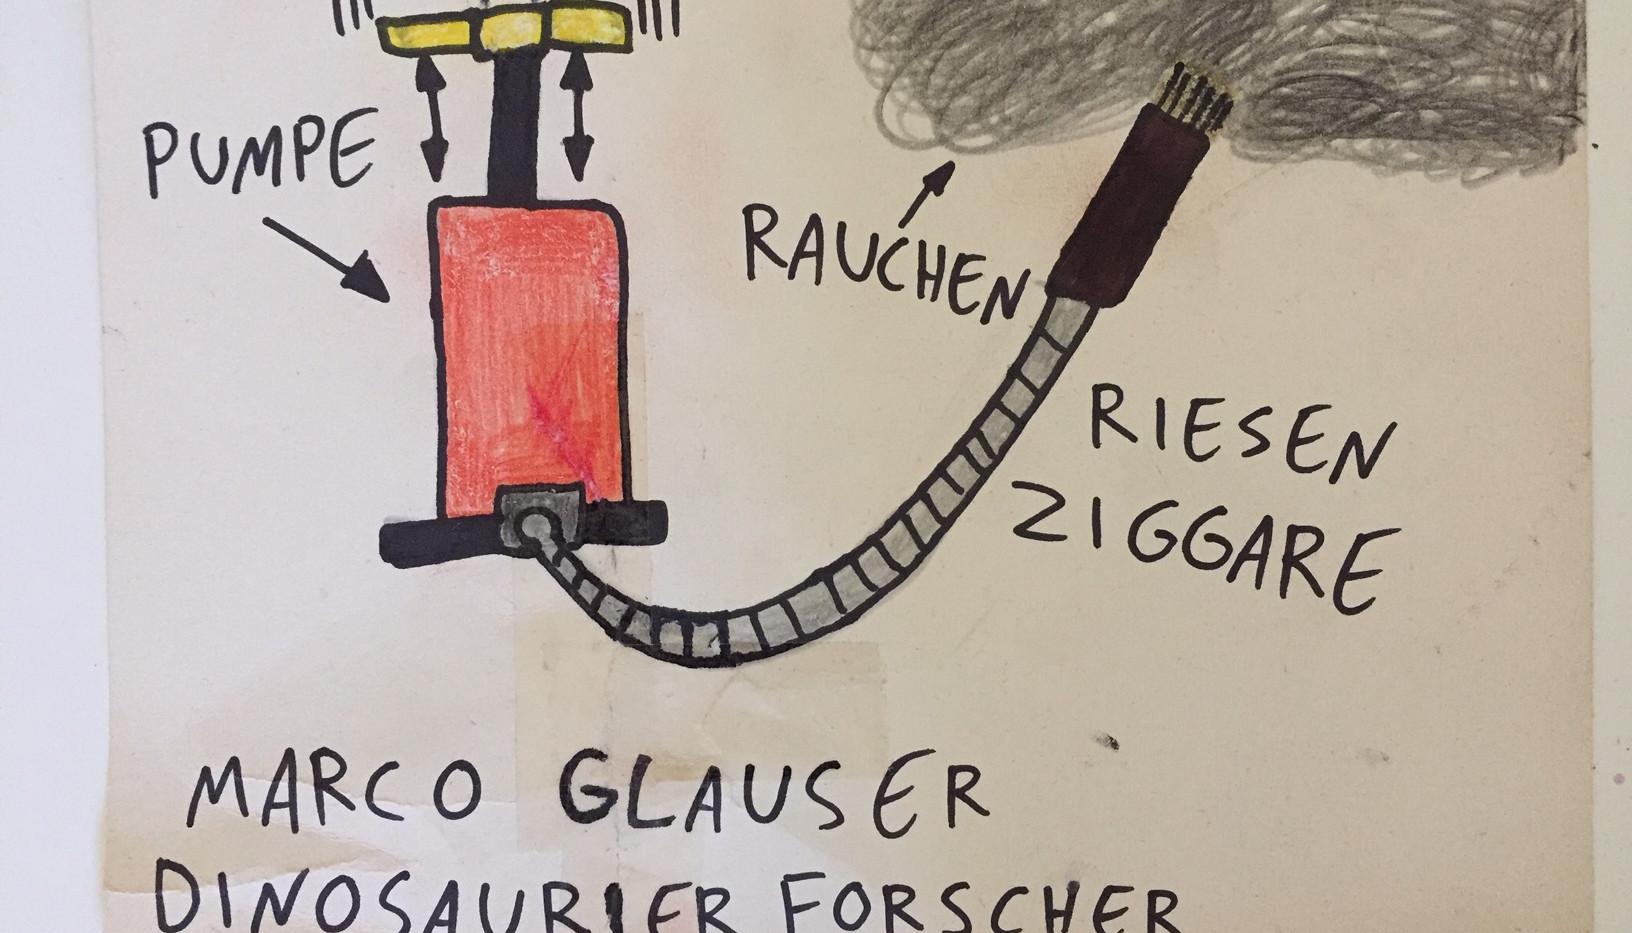 Pumpe, rauchen, riesen ziggare, 2019